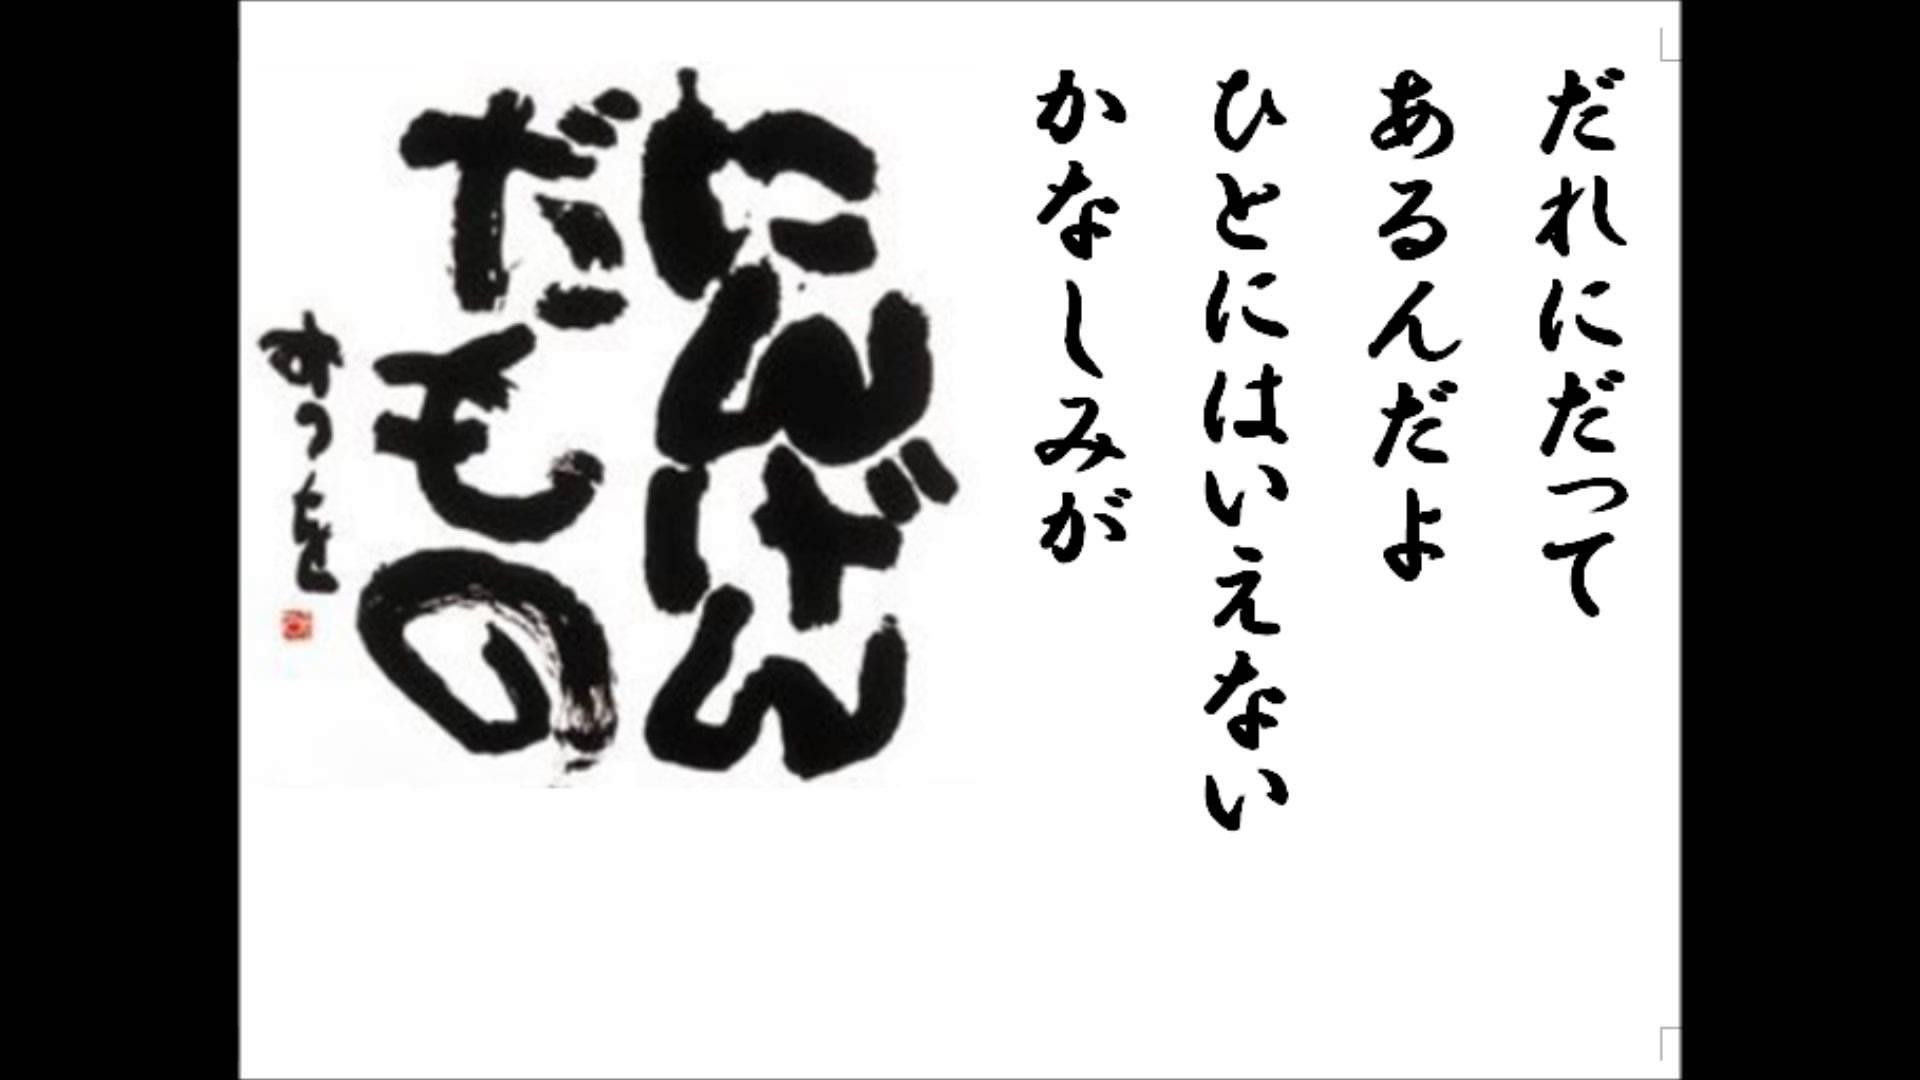 詩吟 だれにだって 相田みつを 動画でひと休み